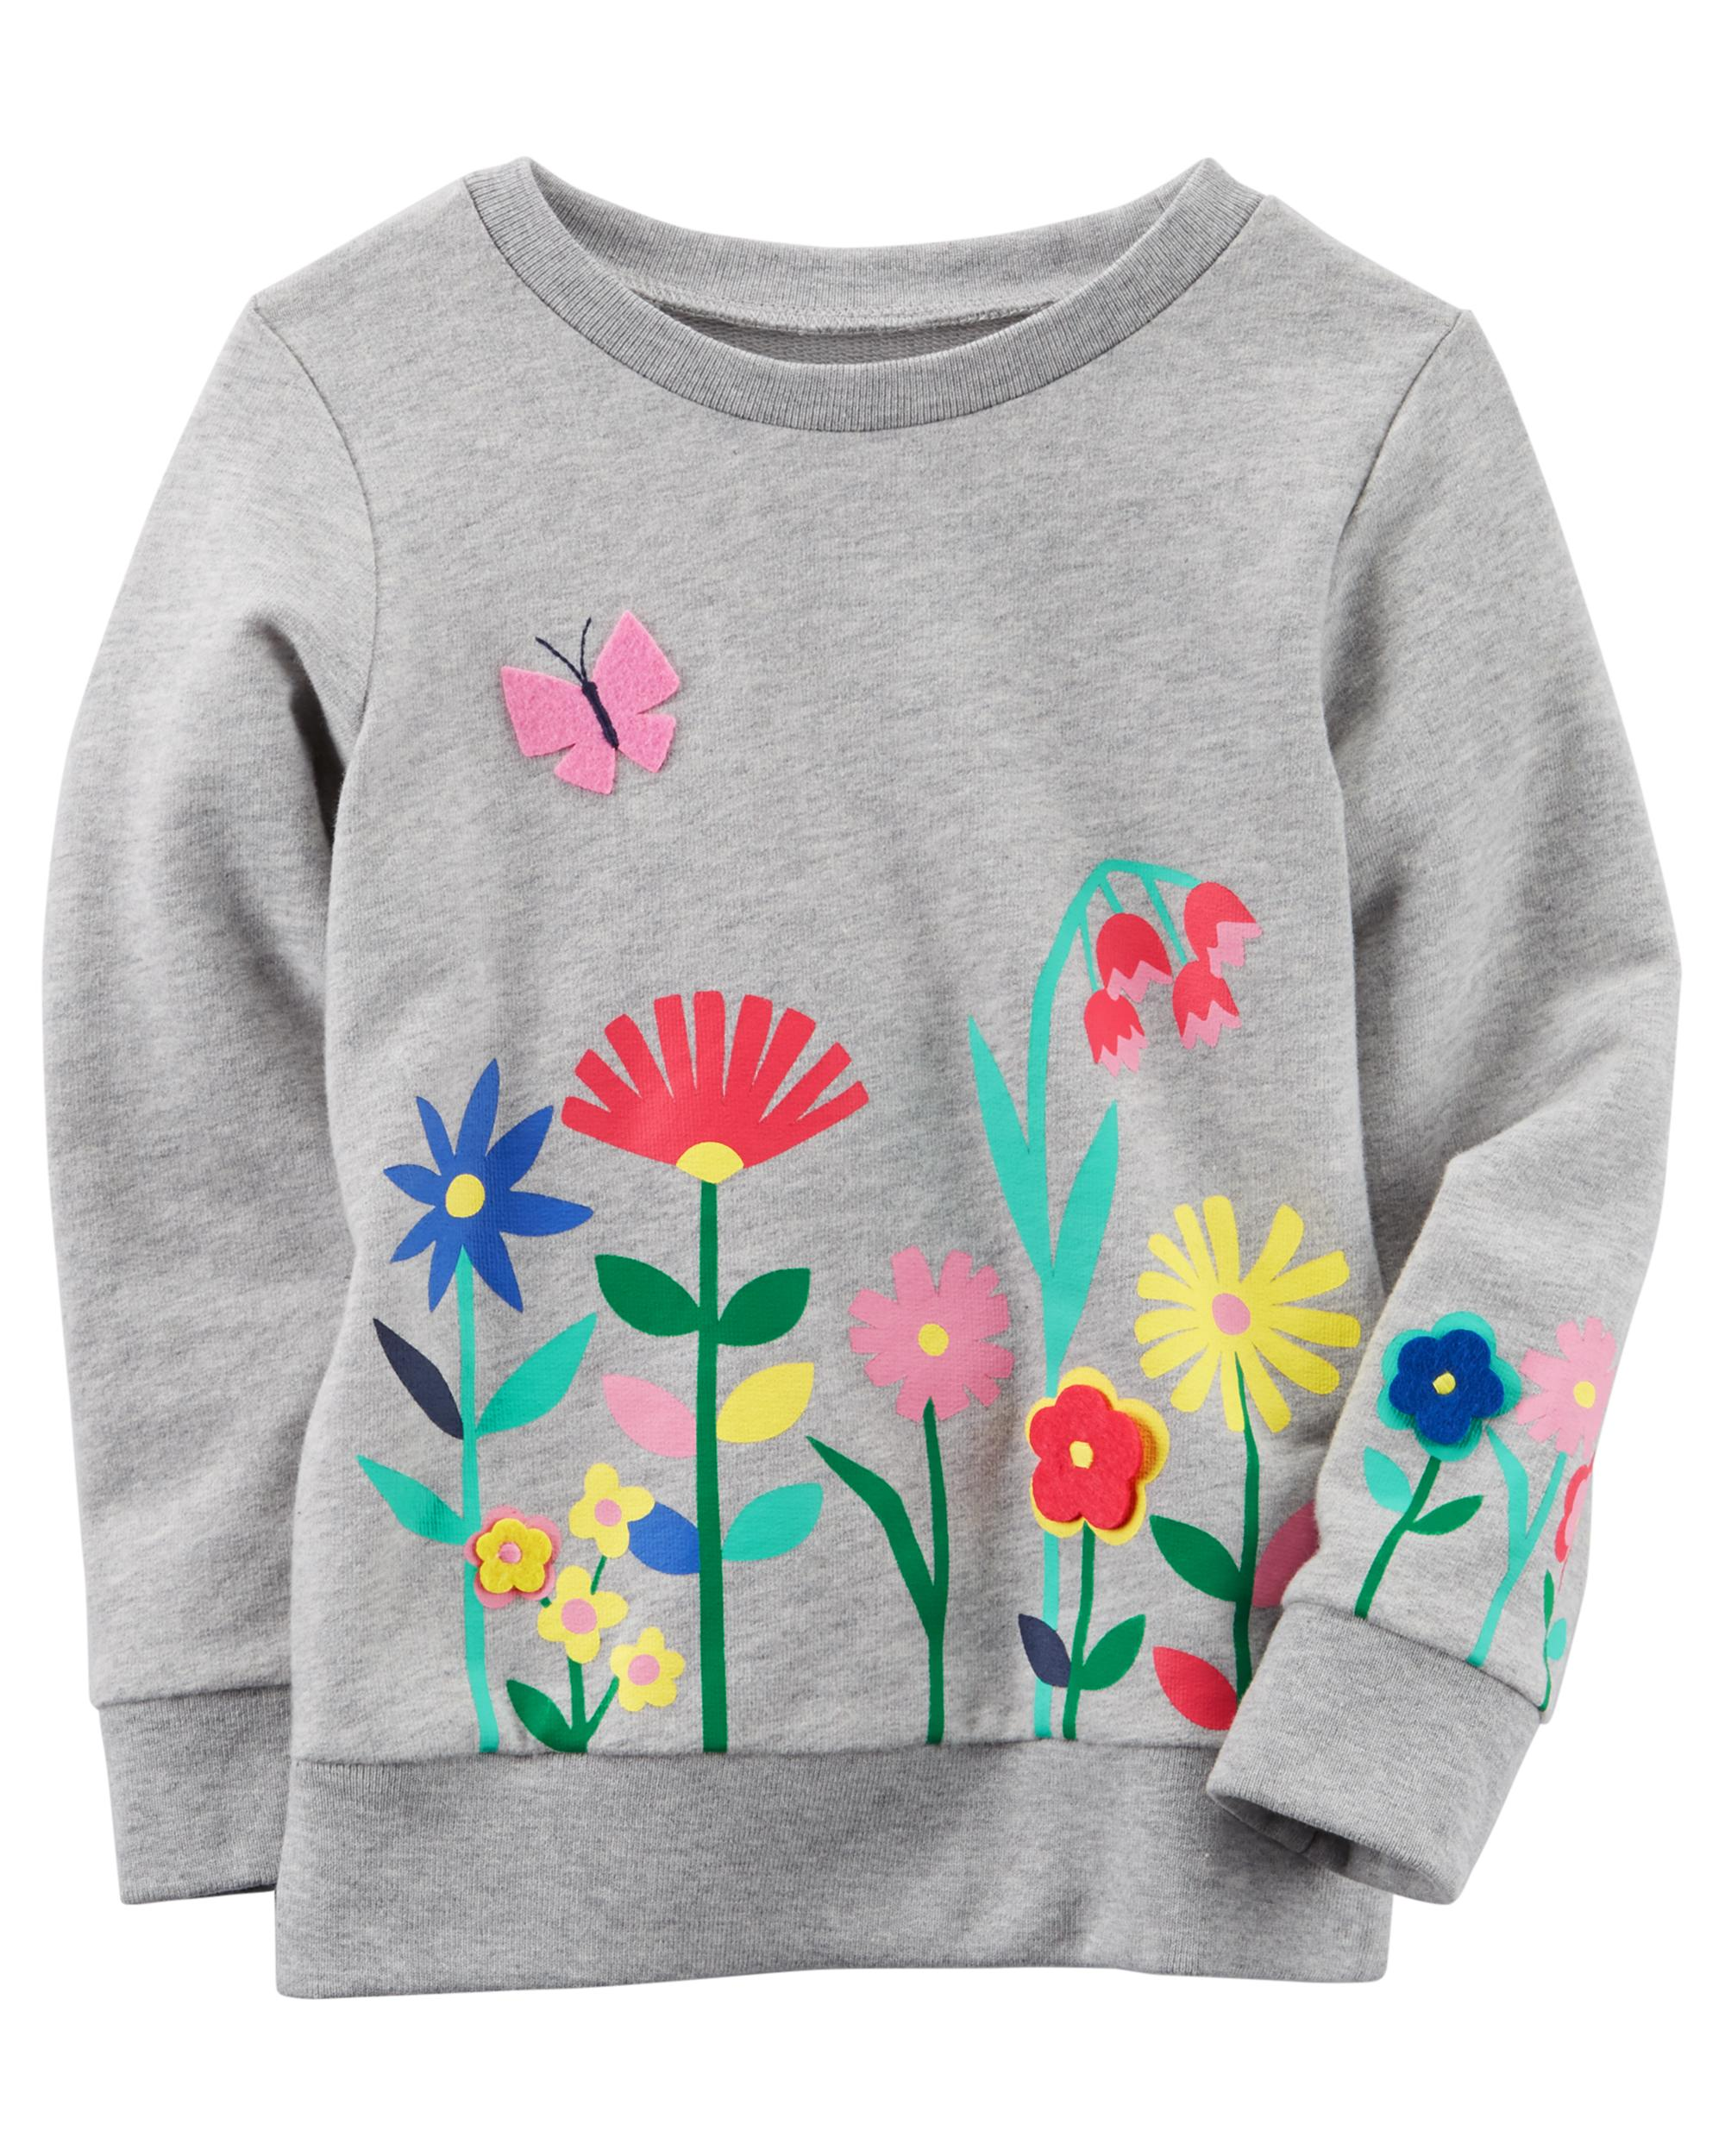 a446184623 Floral Sweatshirt | carters.com